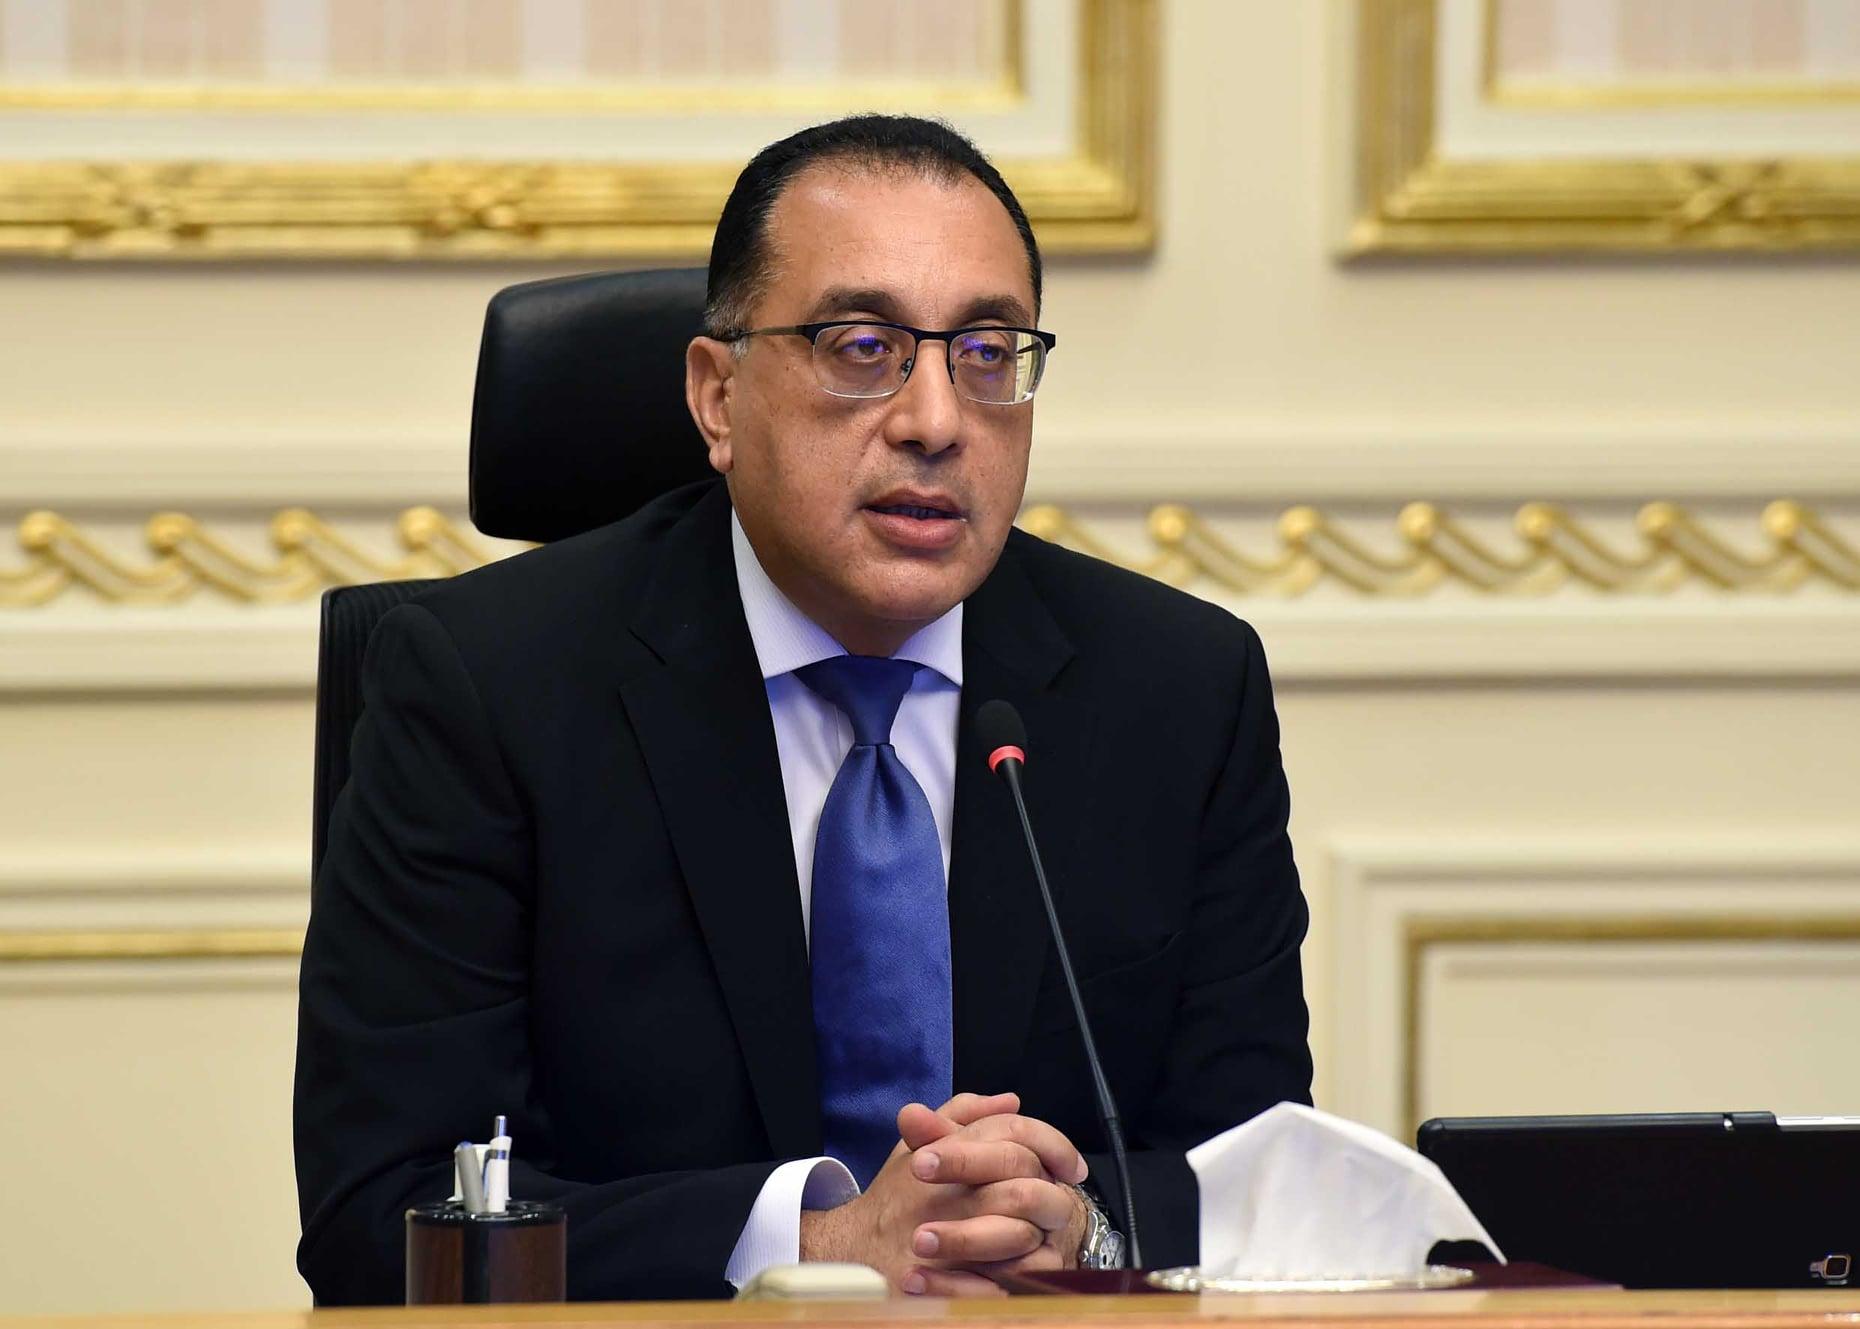 رئيس الوزراء يشهد توقيع بروتوكول بشأن آلية تسوية التشابكات المالية بين بنك الاستثمار القومى والبنك الأهلي المصري